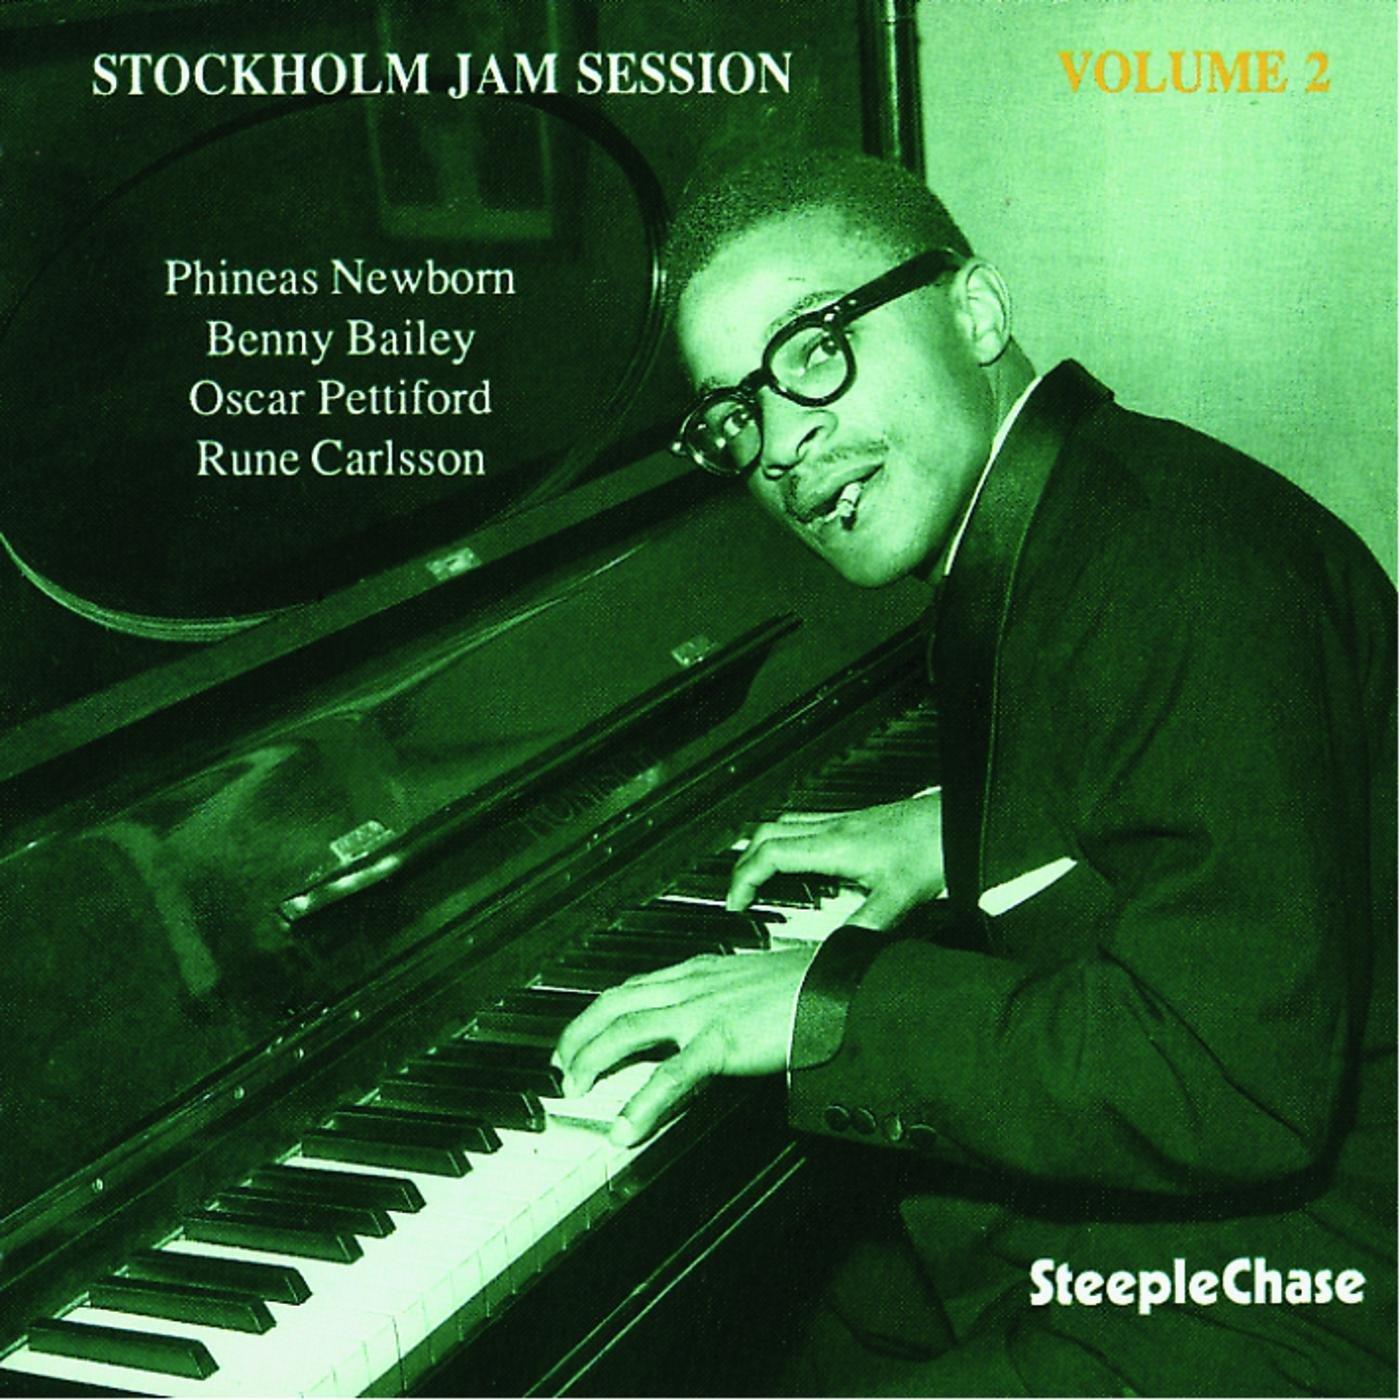 Stockholm Session Vol.2